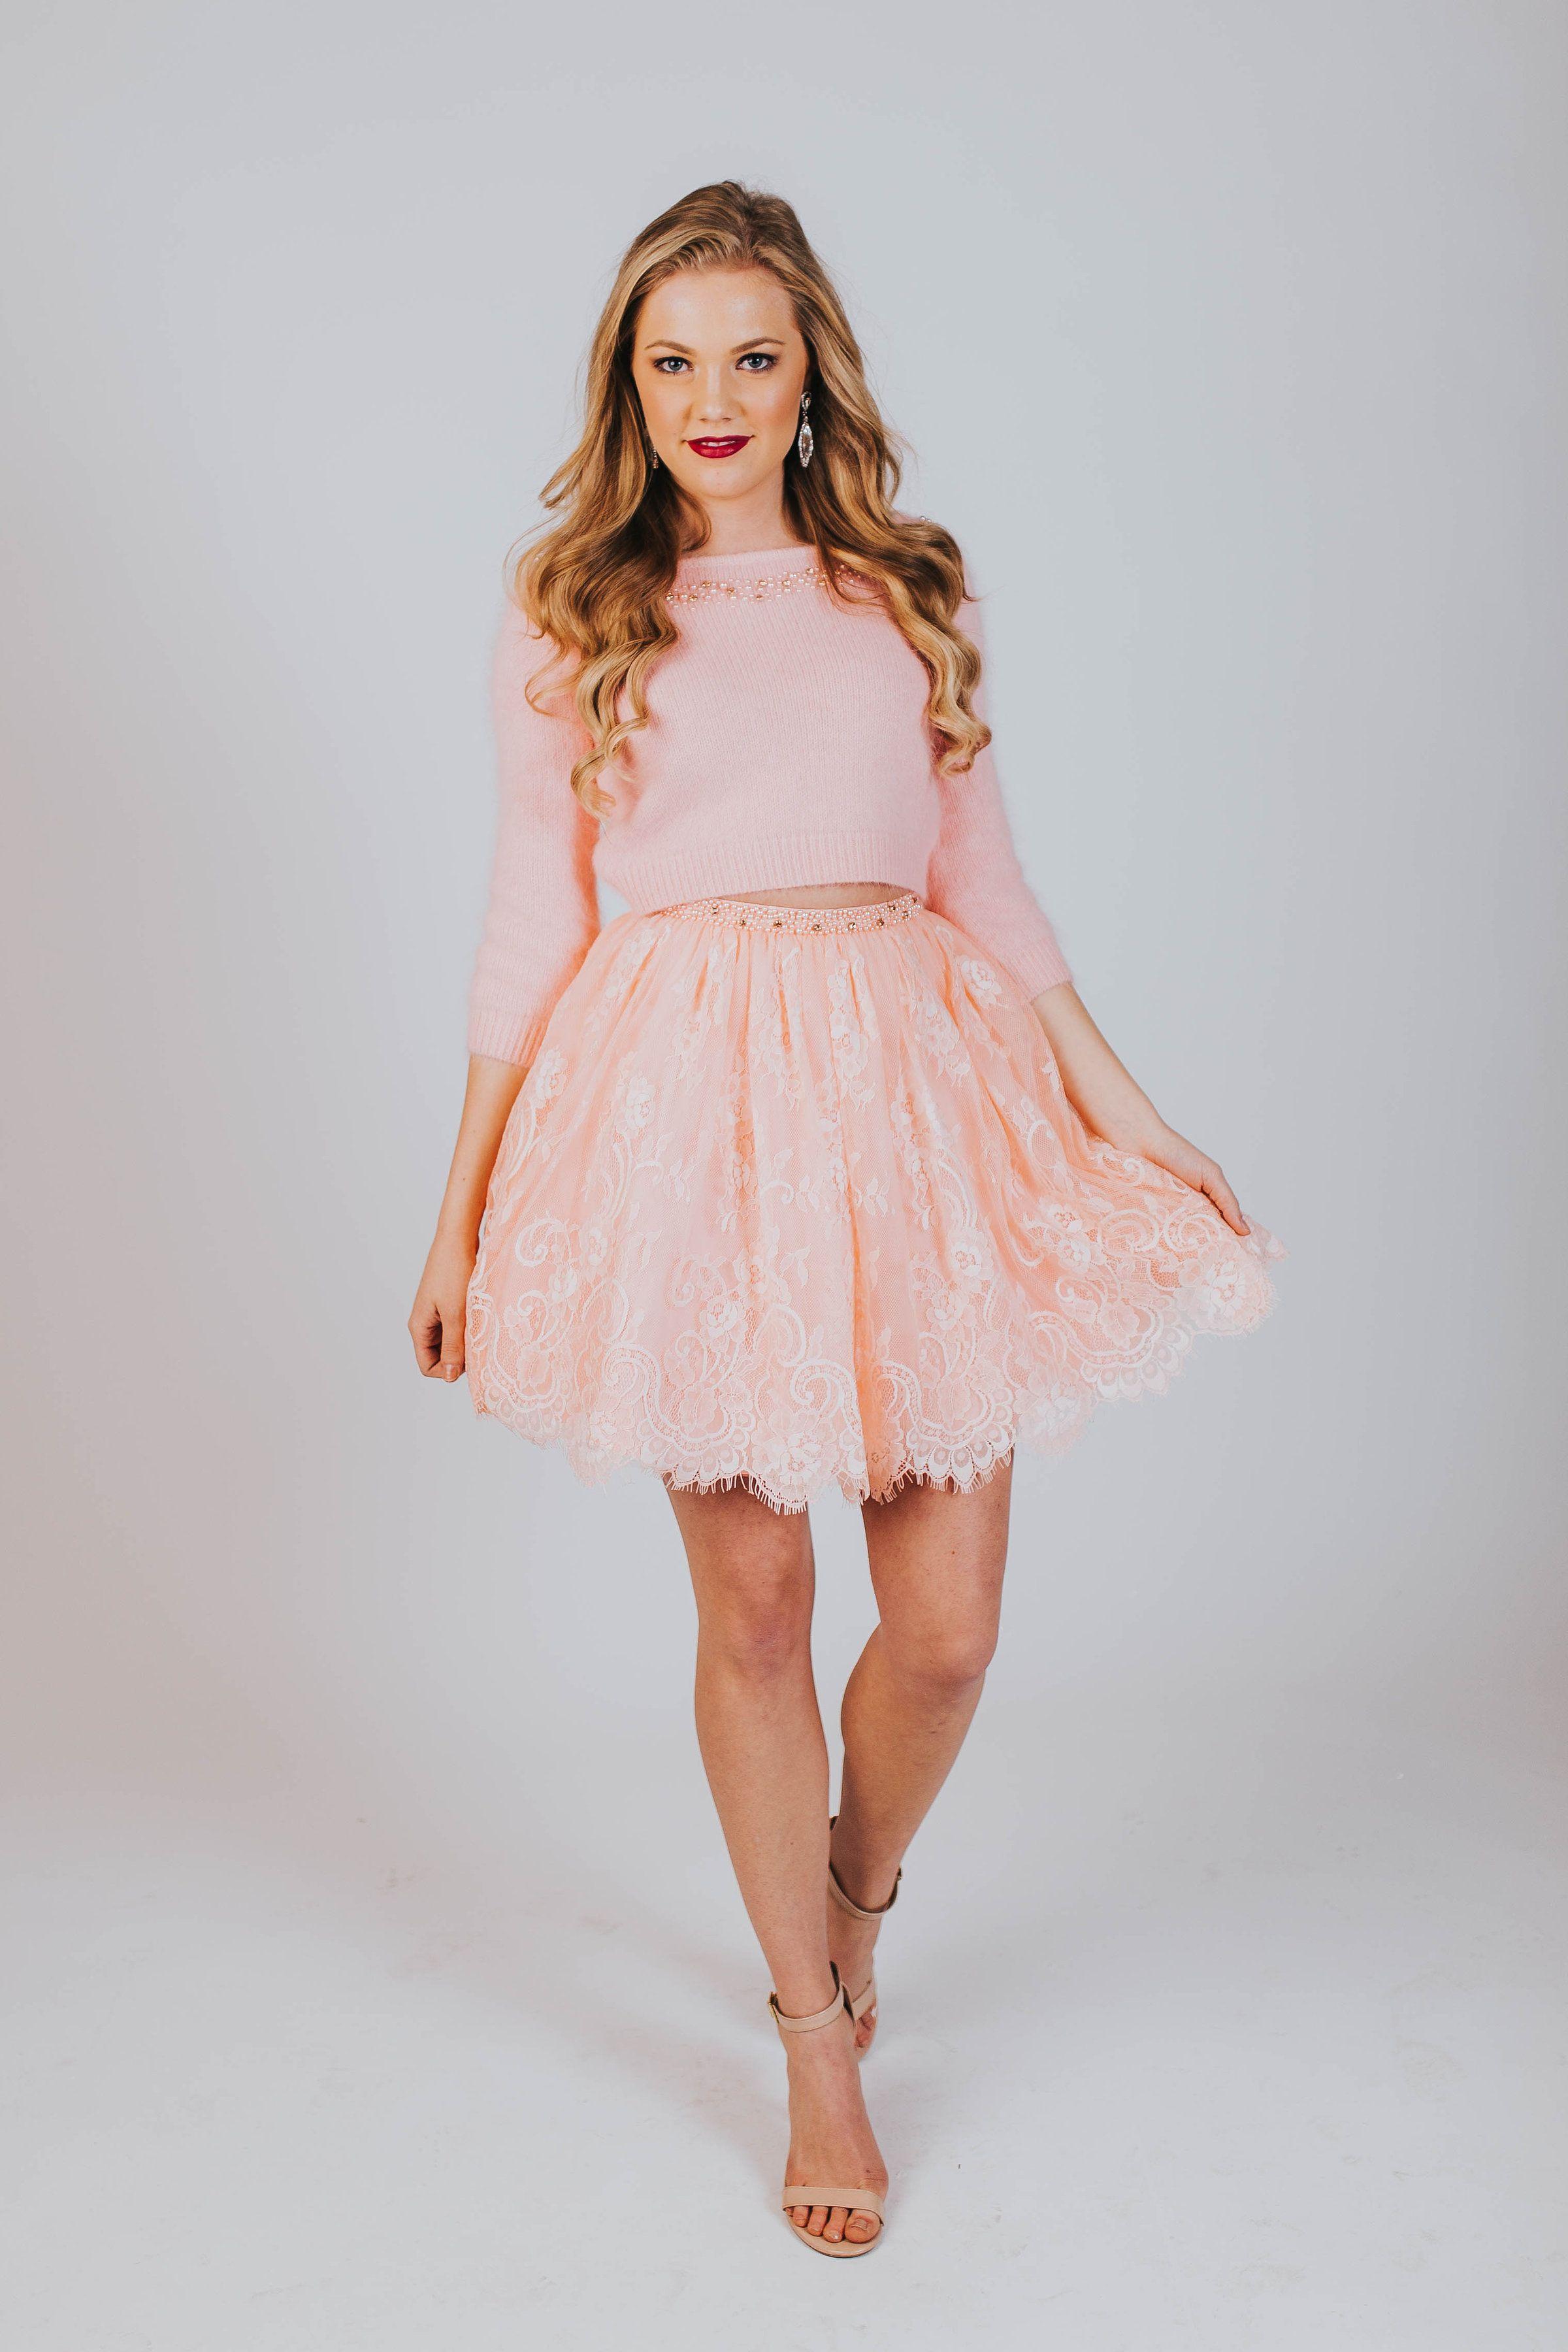 Utah Prom Modest Prom Dresses Modest short Dress Long sleeve ...